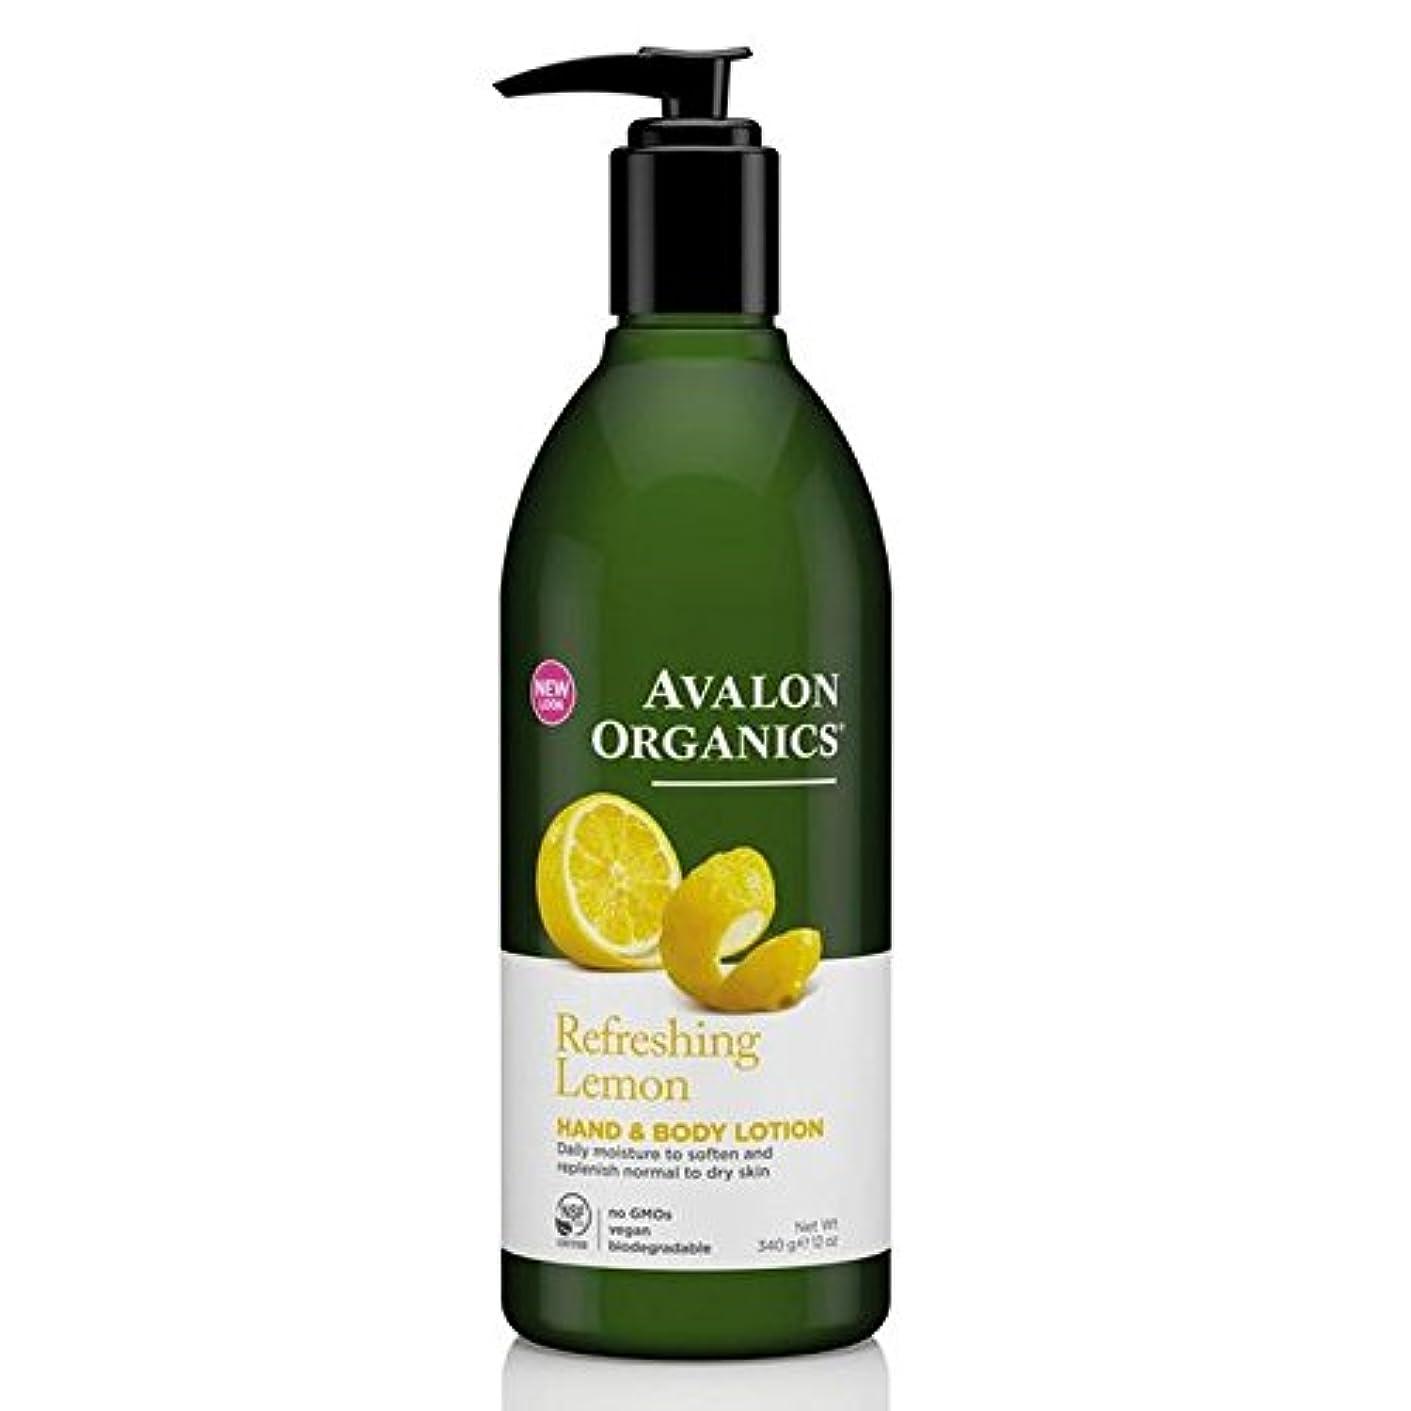 パンツコンバーチブル俳句Avalon Organics Lemon Hand & Body Lotion 340g - (Avalon) レモンハンド&ボディローション340グラム [並行輸入品]